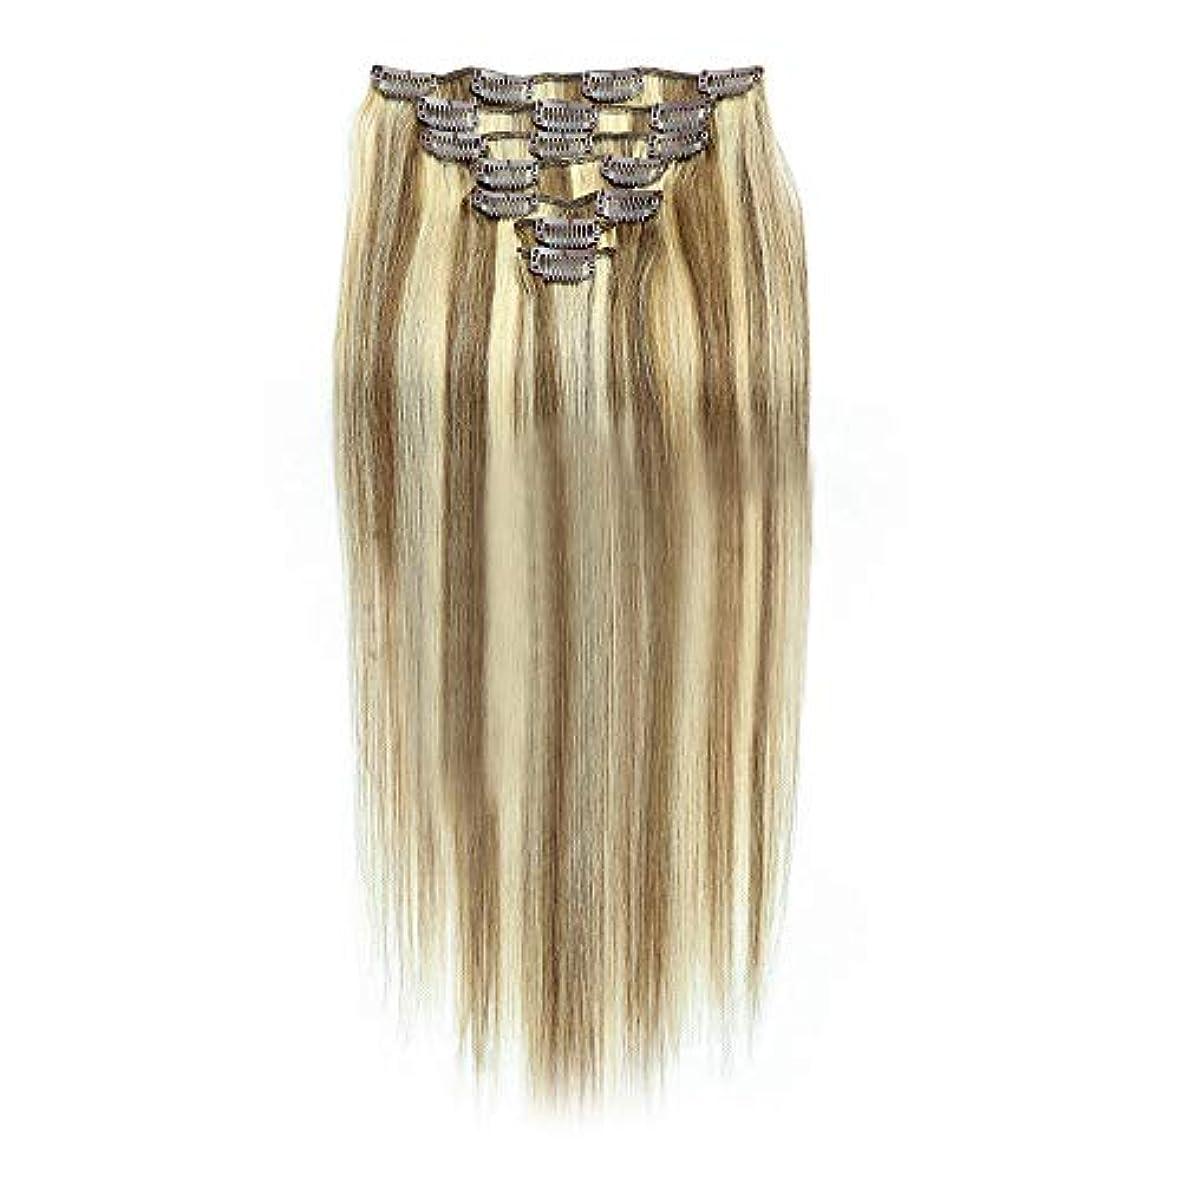 絶望的なロンドン小間HOHYLLYA 20インチクリップinヘアエクステンション人間の髪の毛の色#8/613アッシュブロンドミックスブラウン7個ロールプレイングかつら女性のかつら (色 : #8/613)